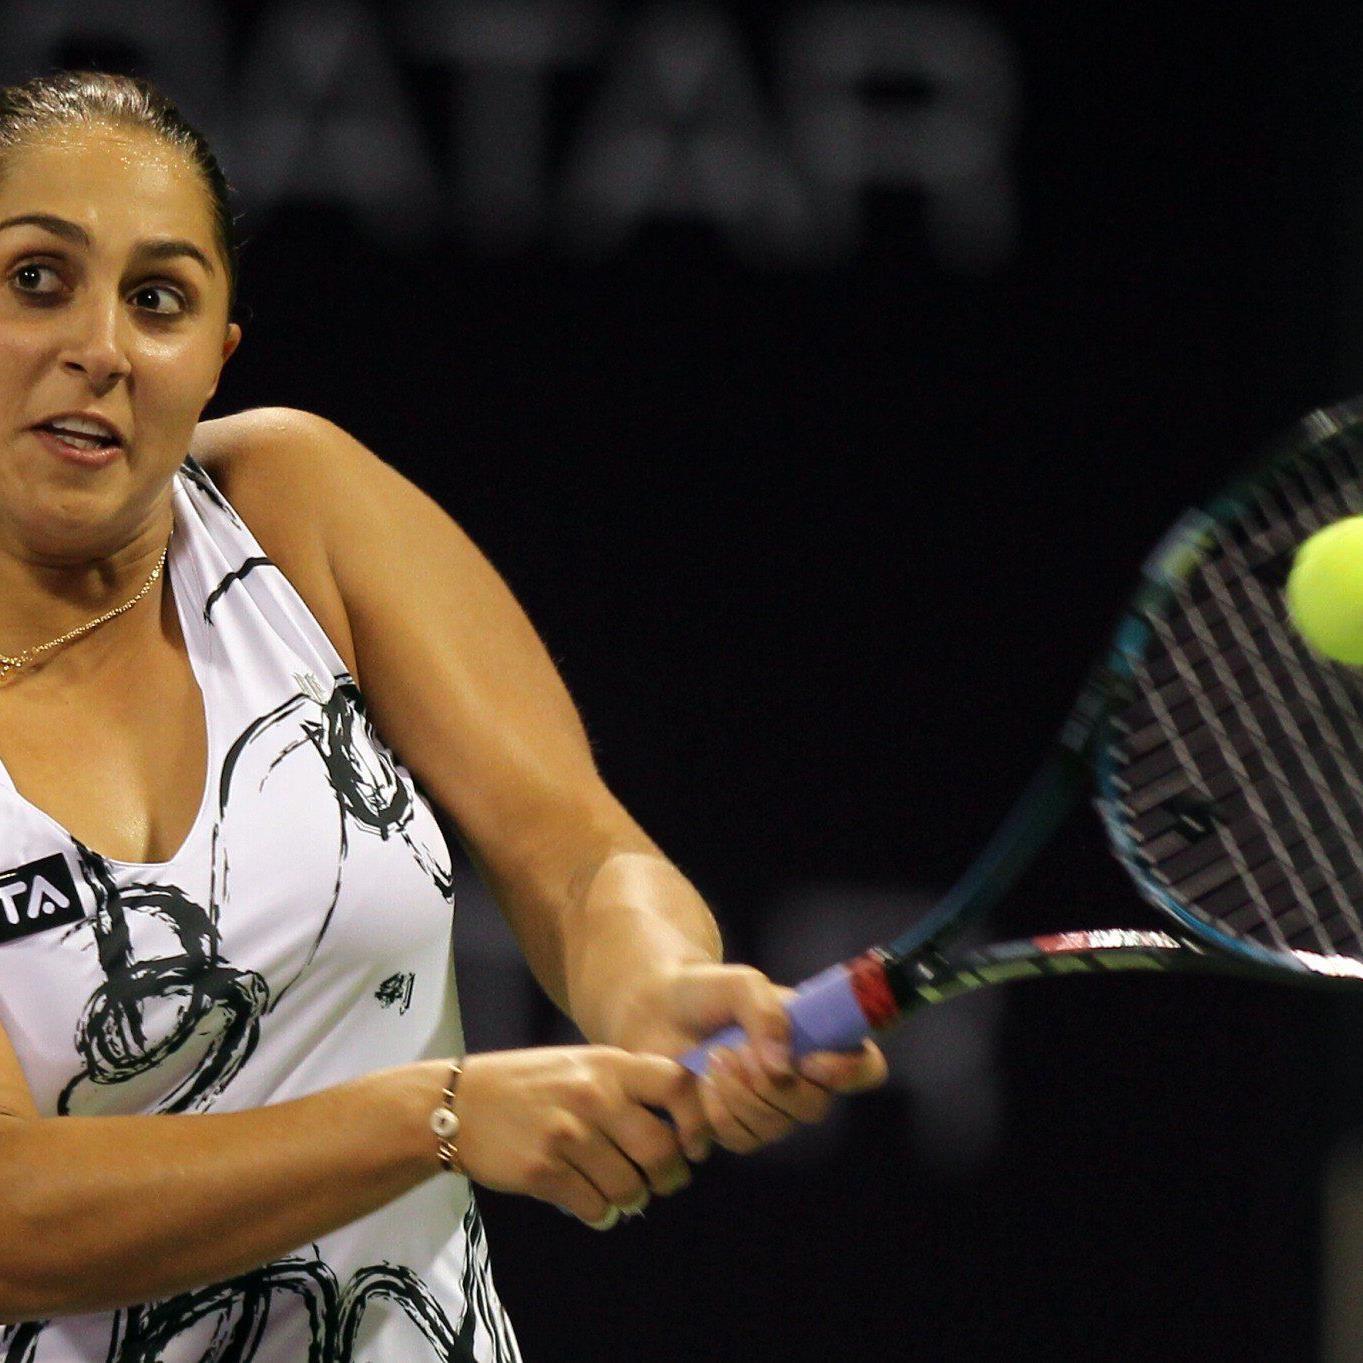 Tamira Paszek scheitert gegen US-Qualifikantin Grace Min.